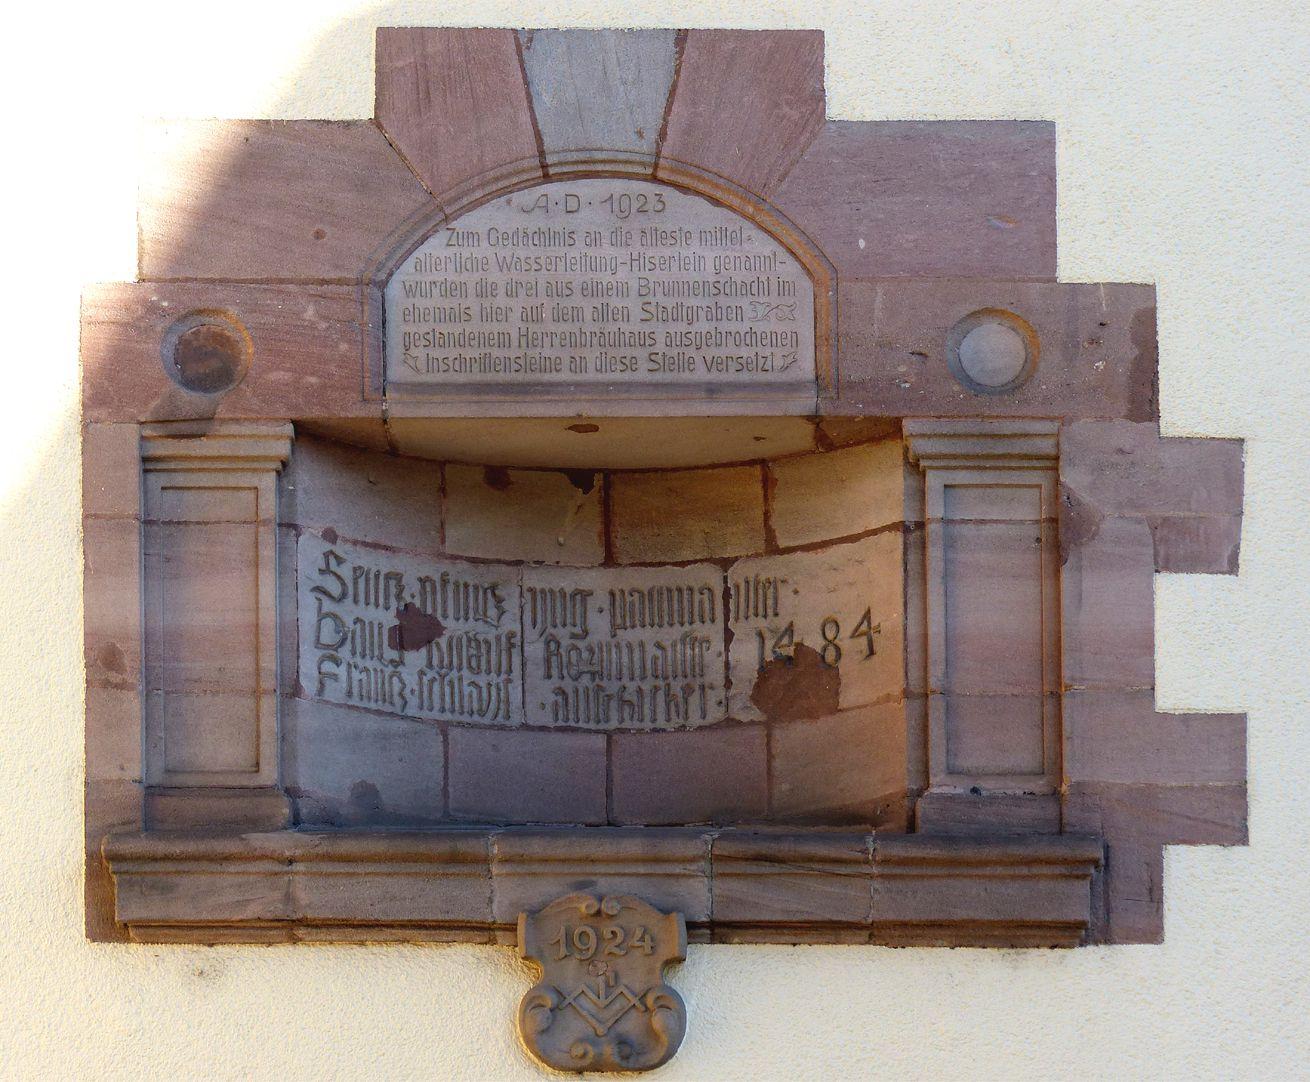 ehemalige Allgemeine Ortskrankenkasse Rückfassade, gotische Inschrift von 1484 und Gedächtnisrahmen von 1924